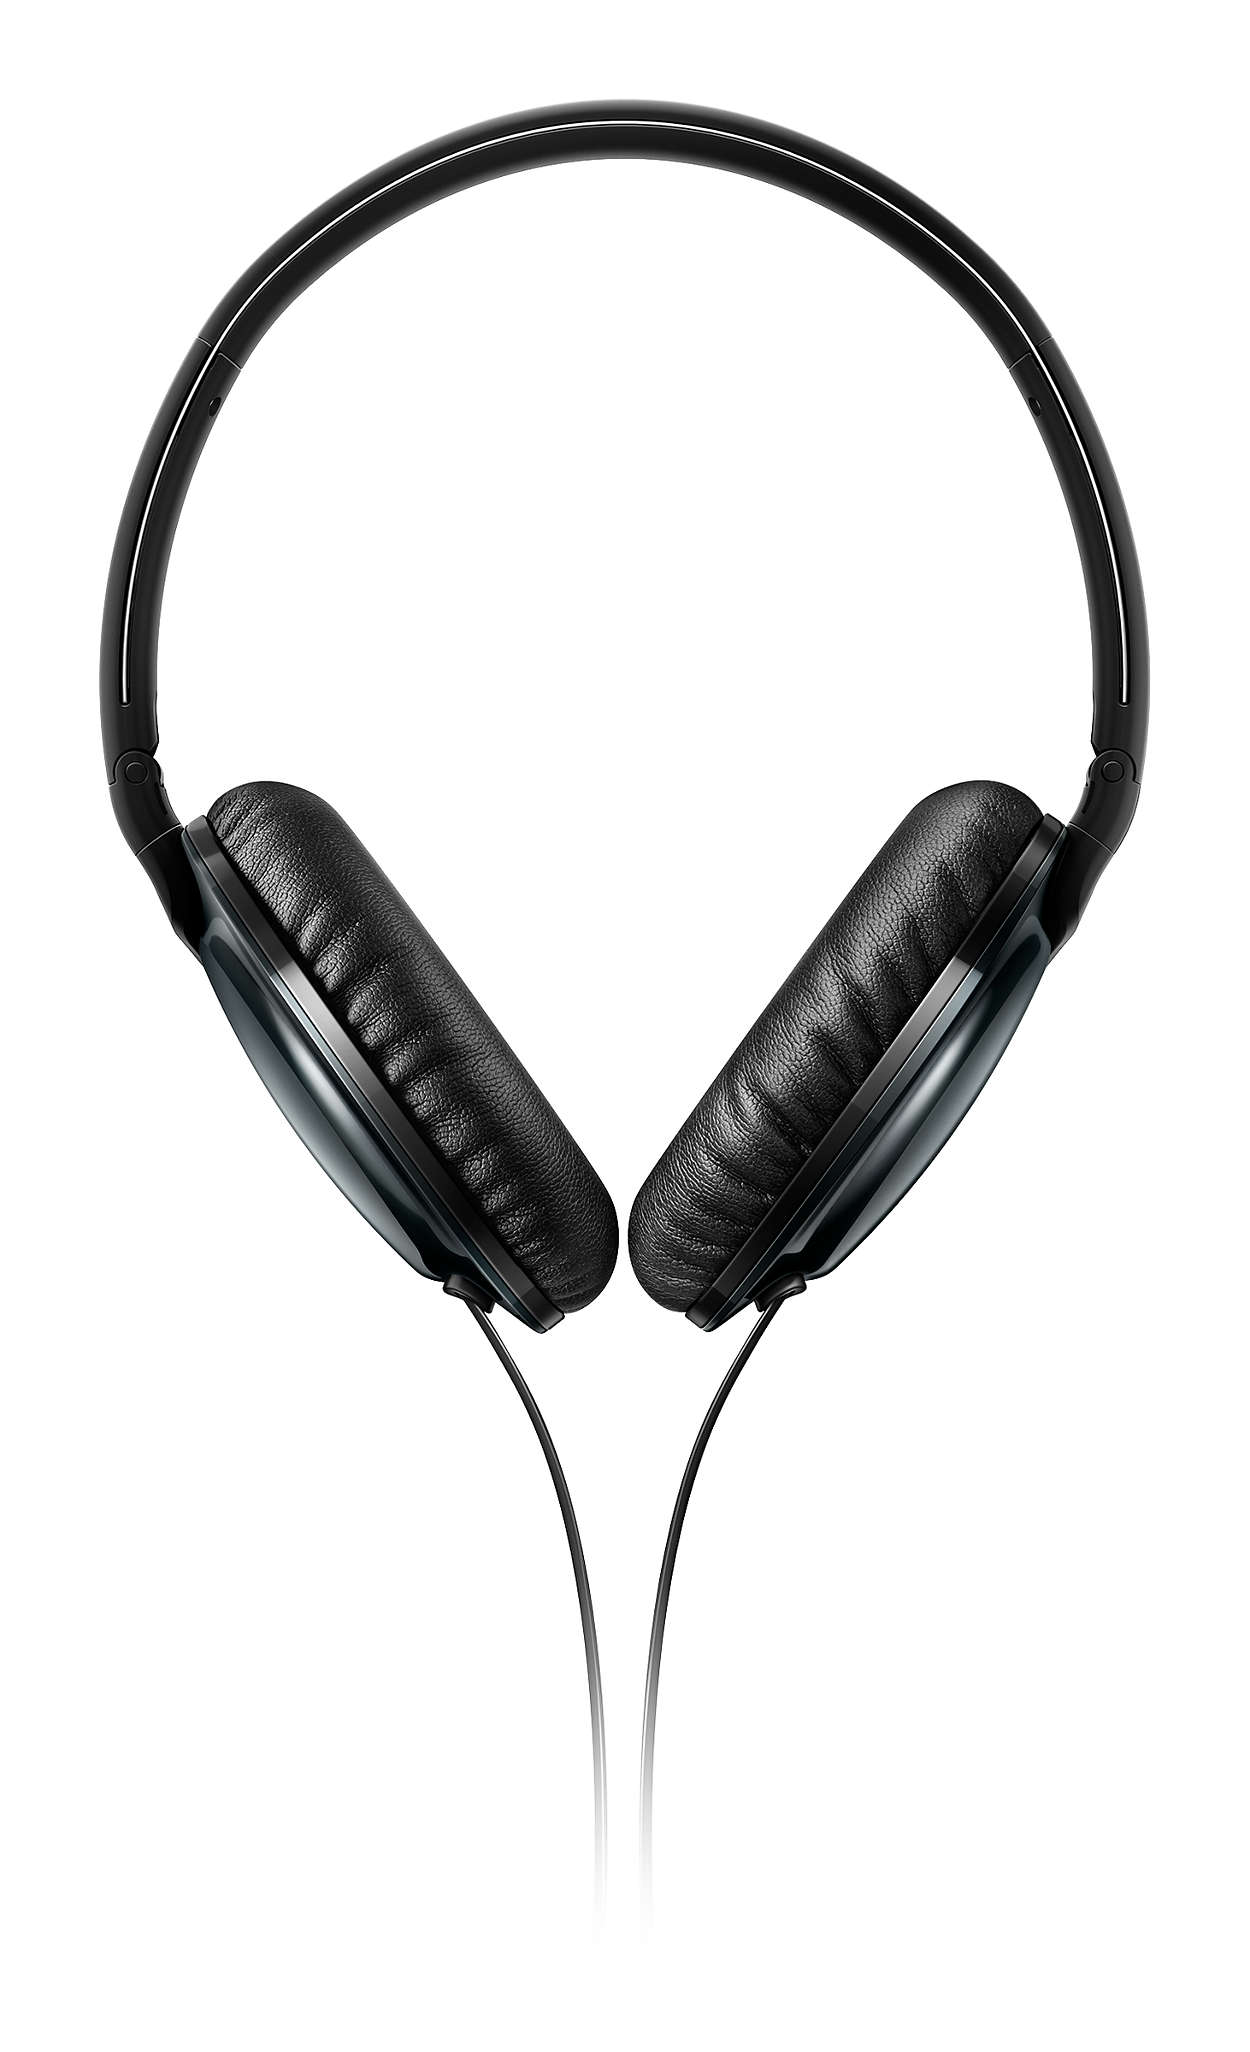 Der Schwerkraft trotzende Kopfhörer